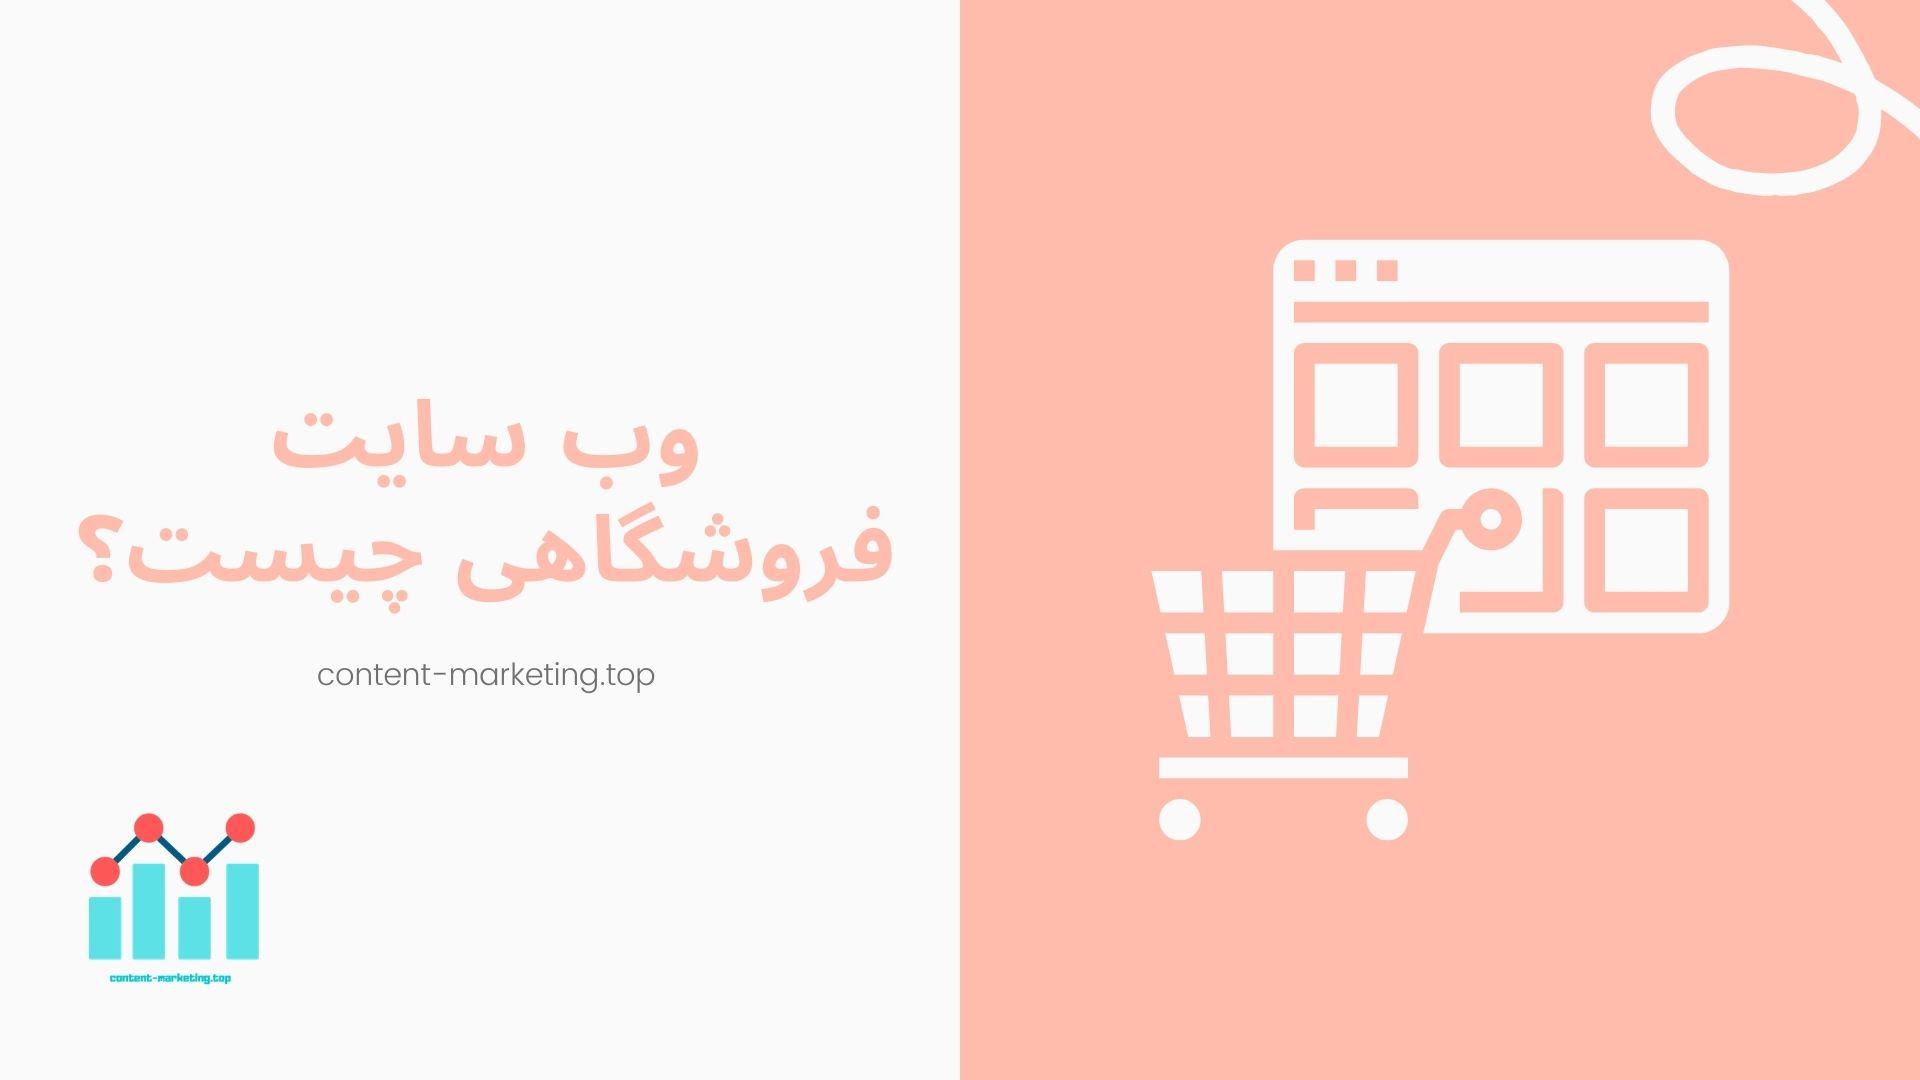 وب سایت های که برای فروشگاه های بزرگ آنلاین طراحی شده اند